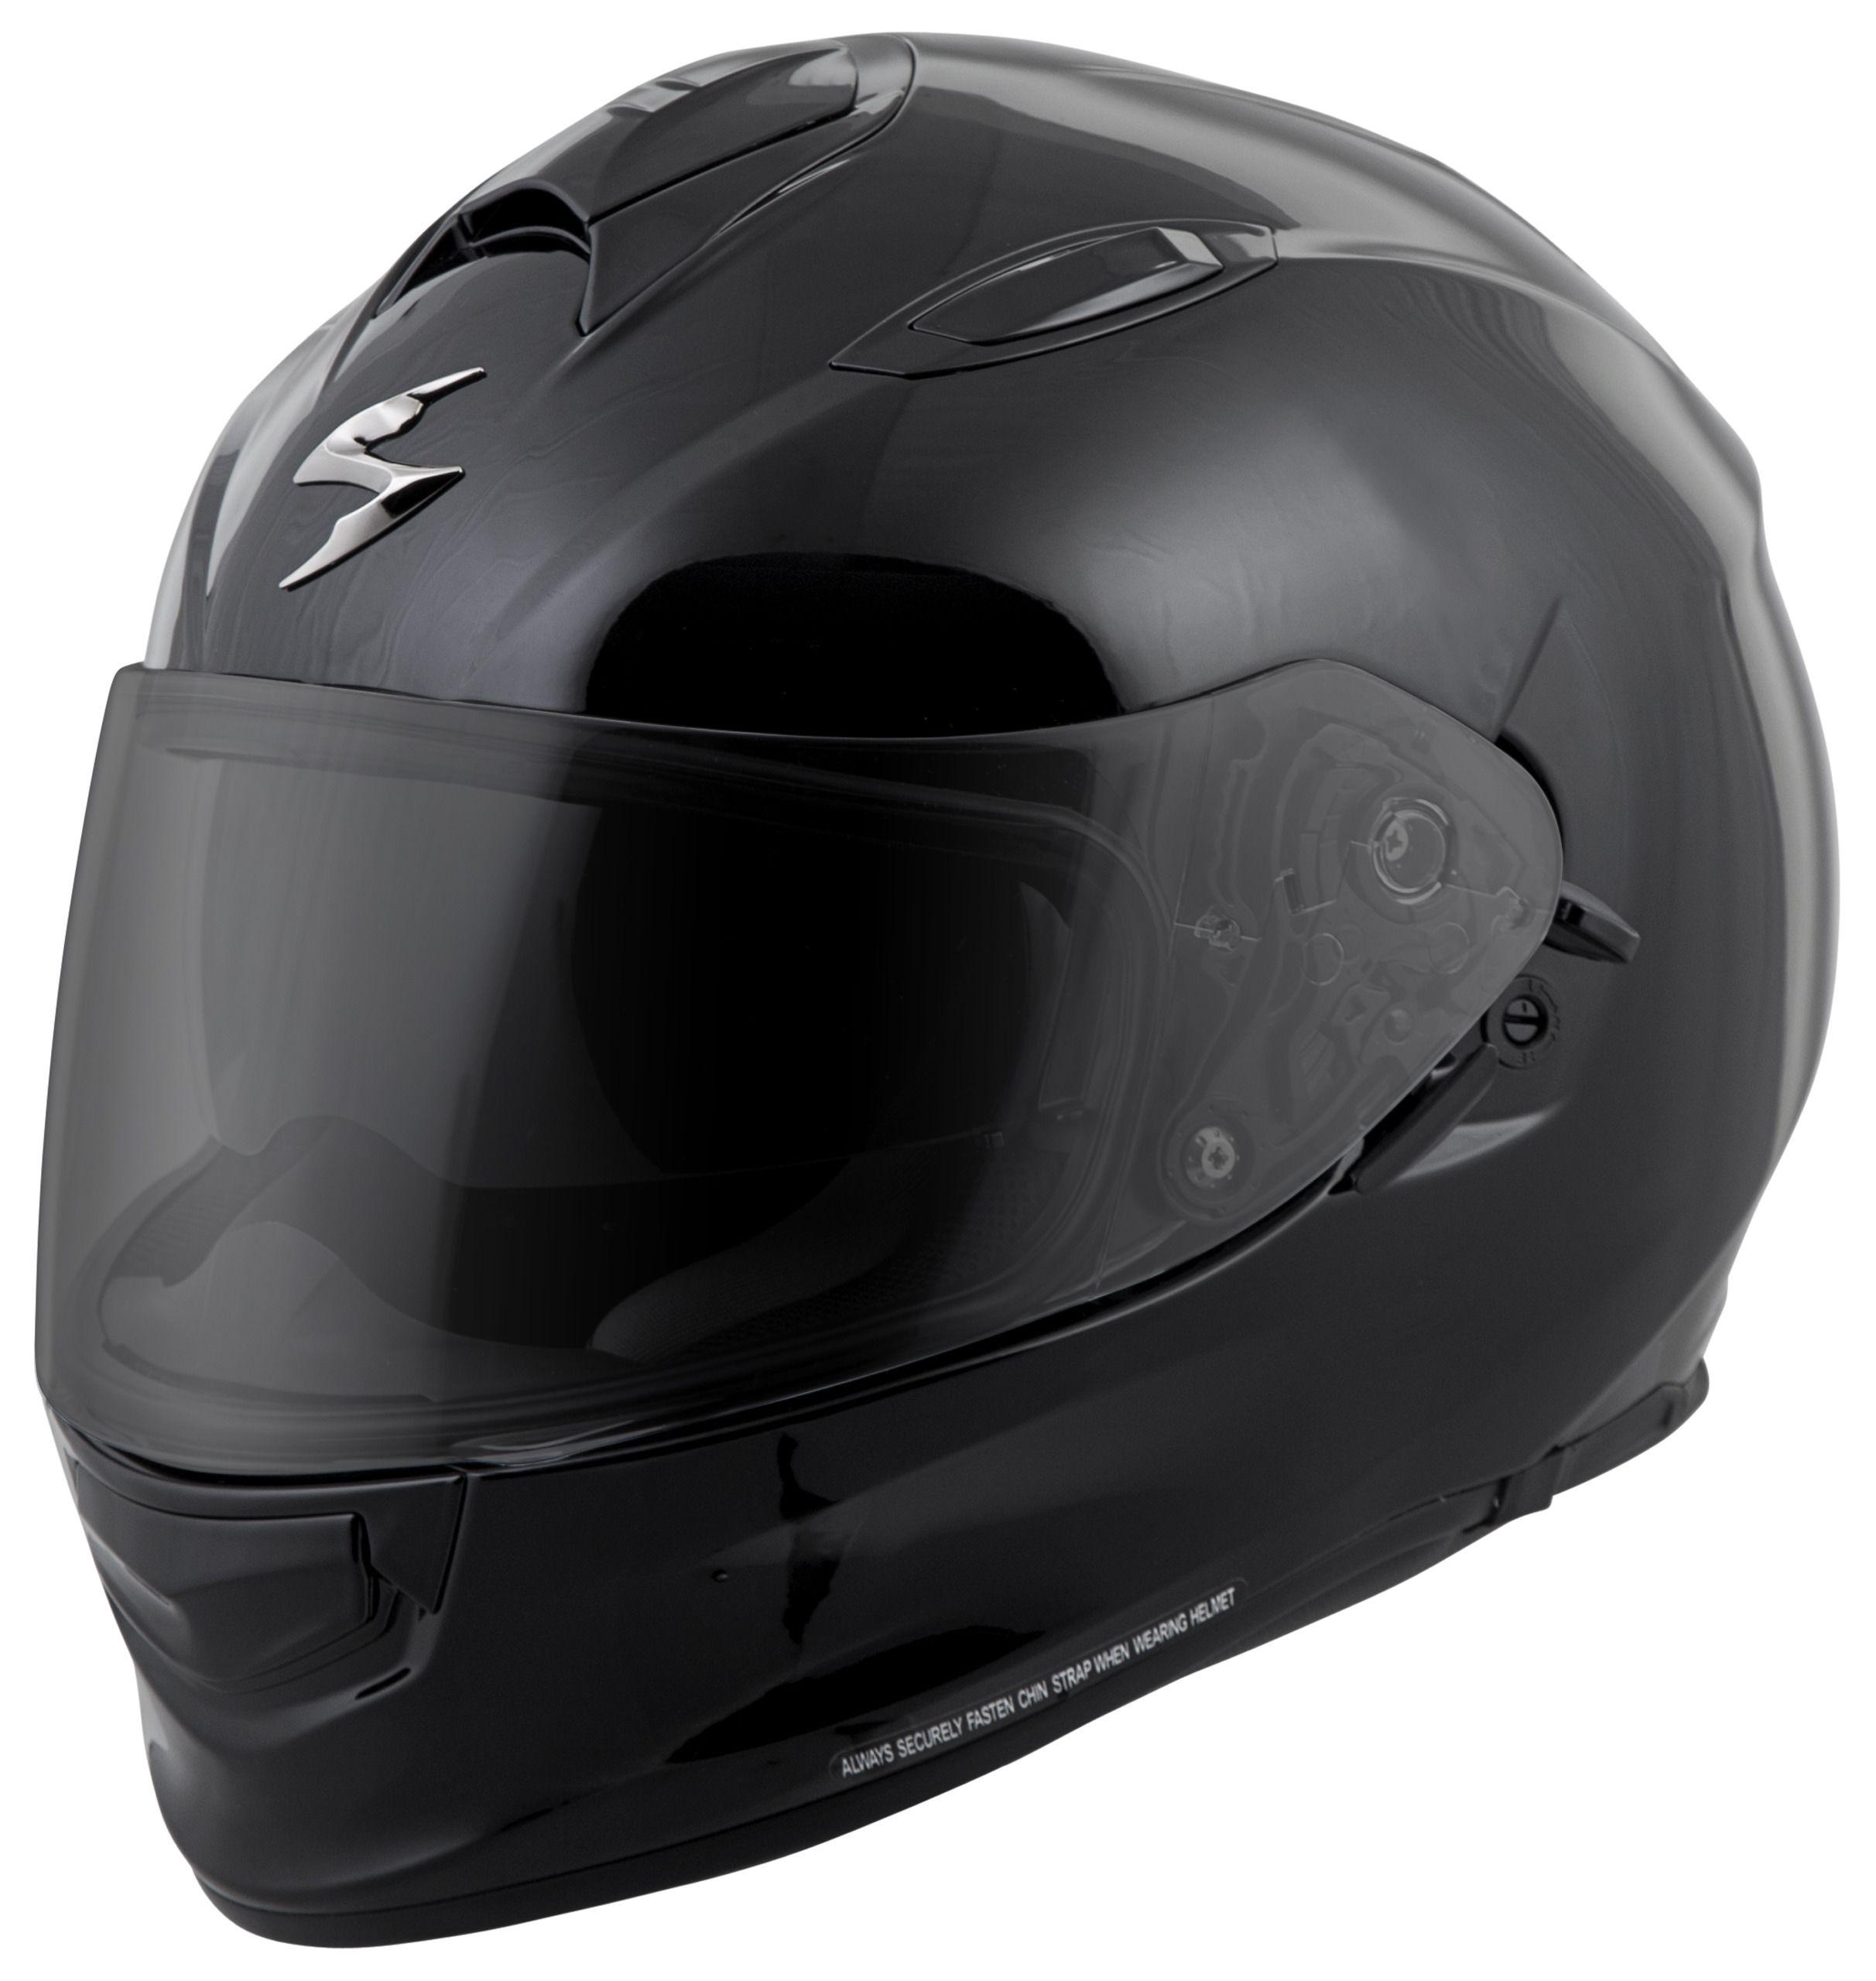 Scorpion exo helmets